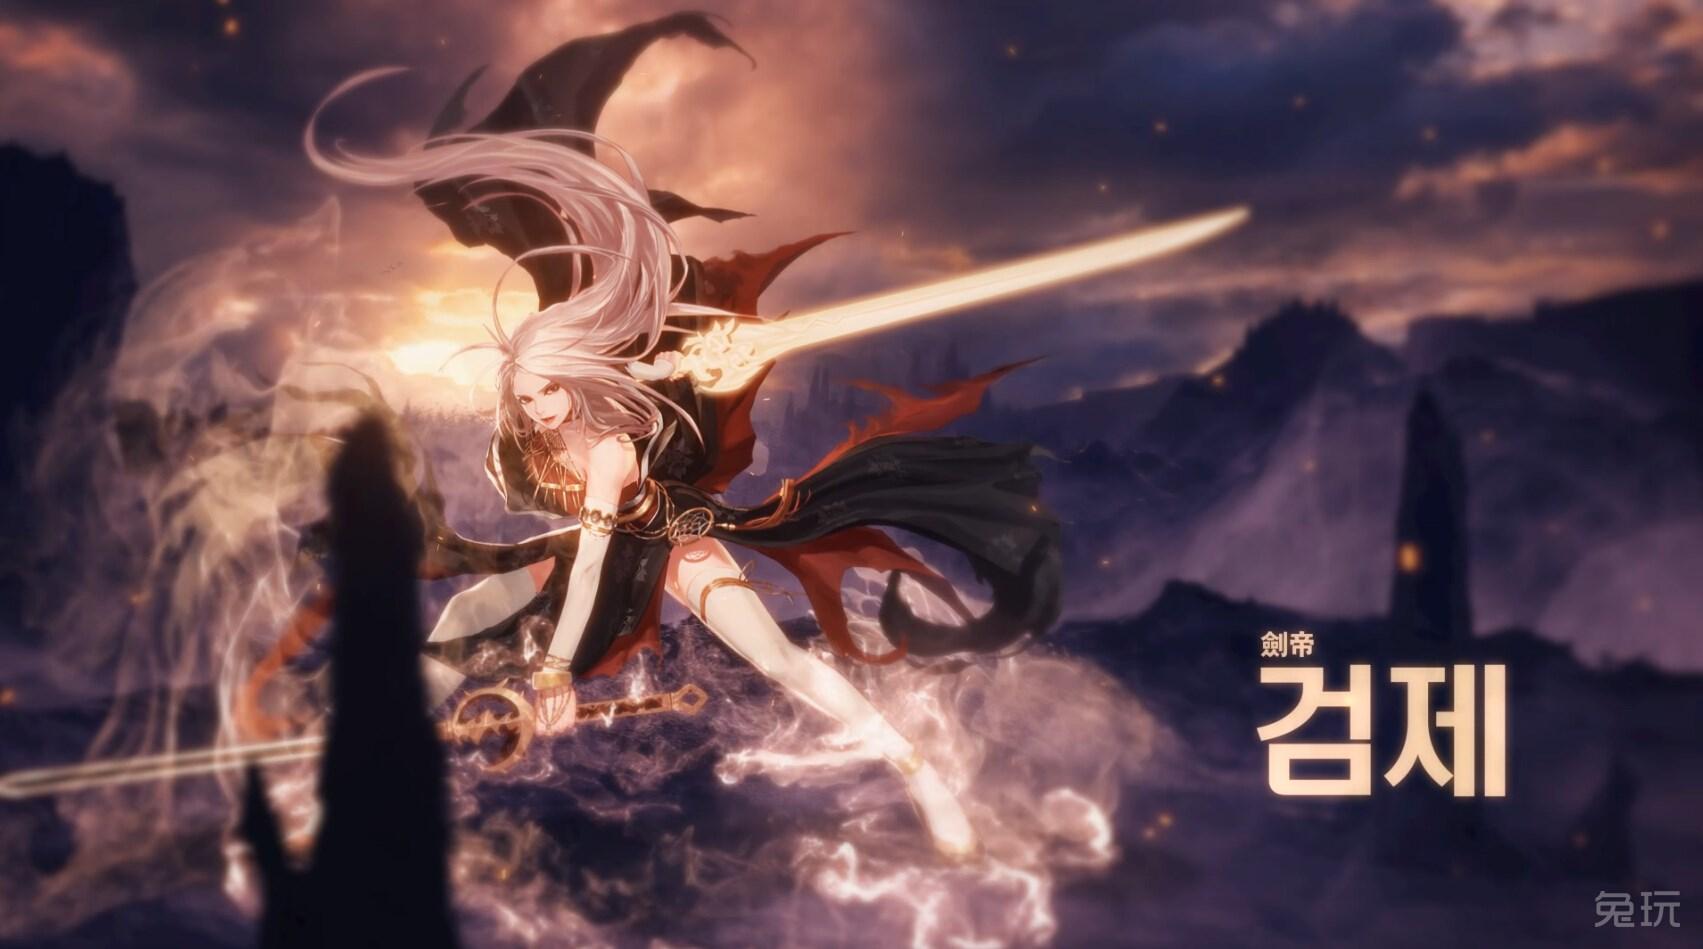 王者的气势 dnf剑豪二觉剑帝高清壁纸欣赏(5)